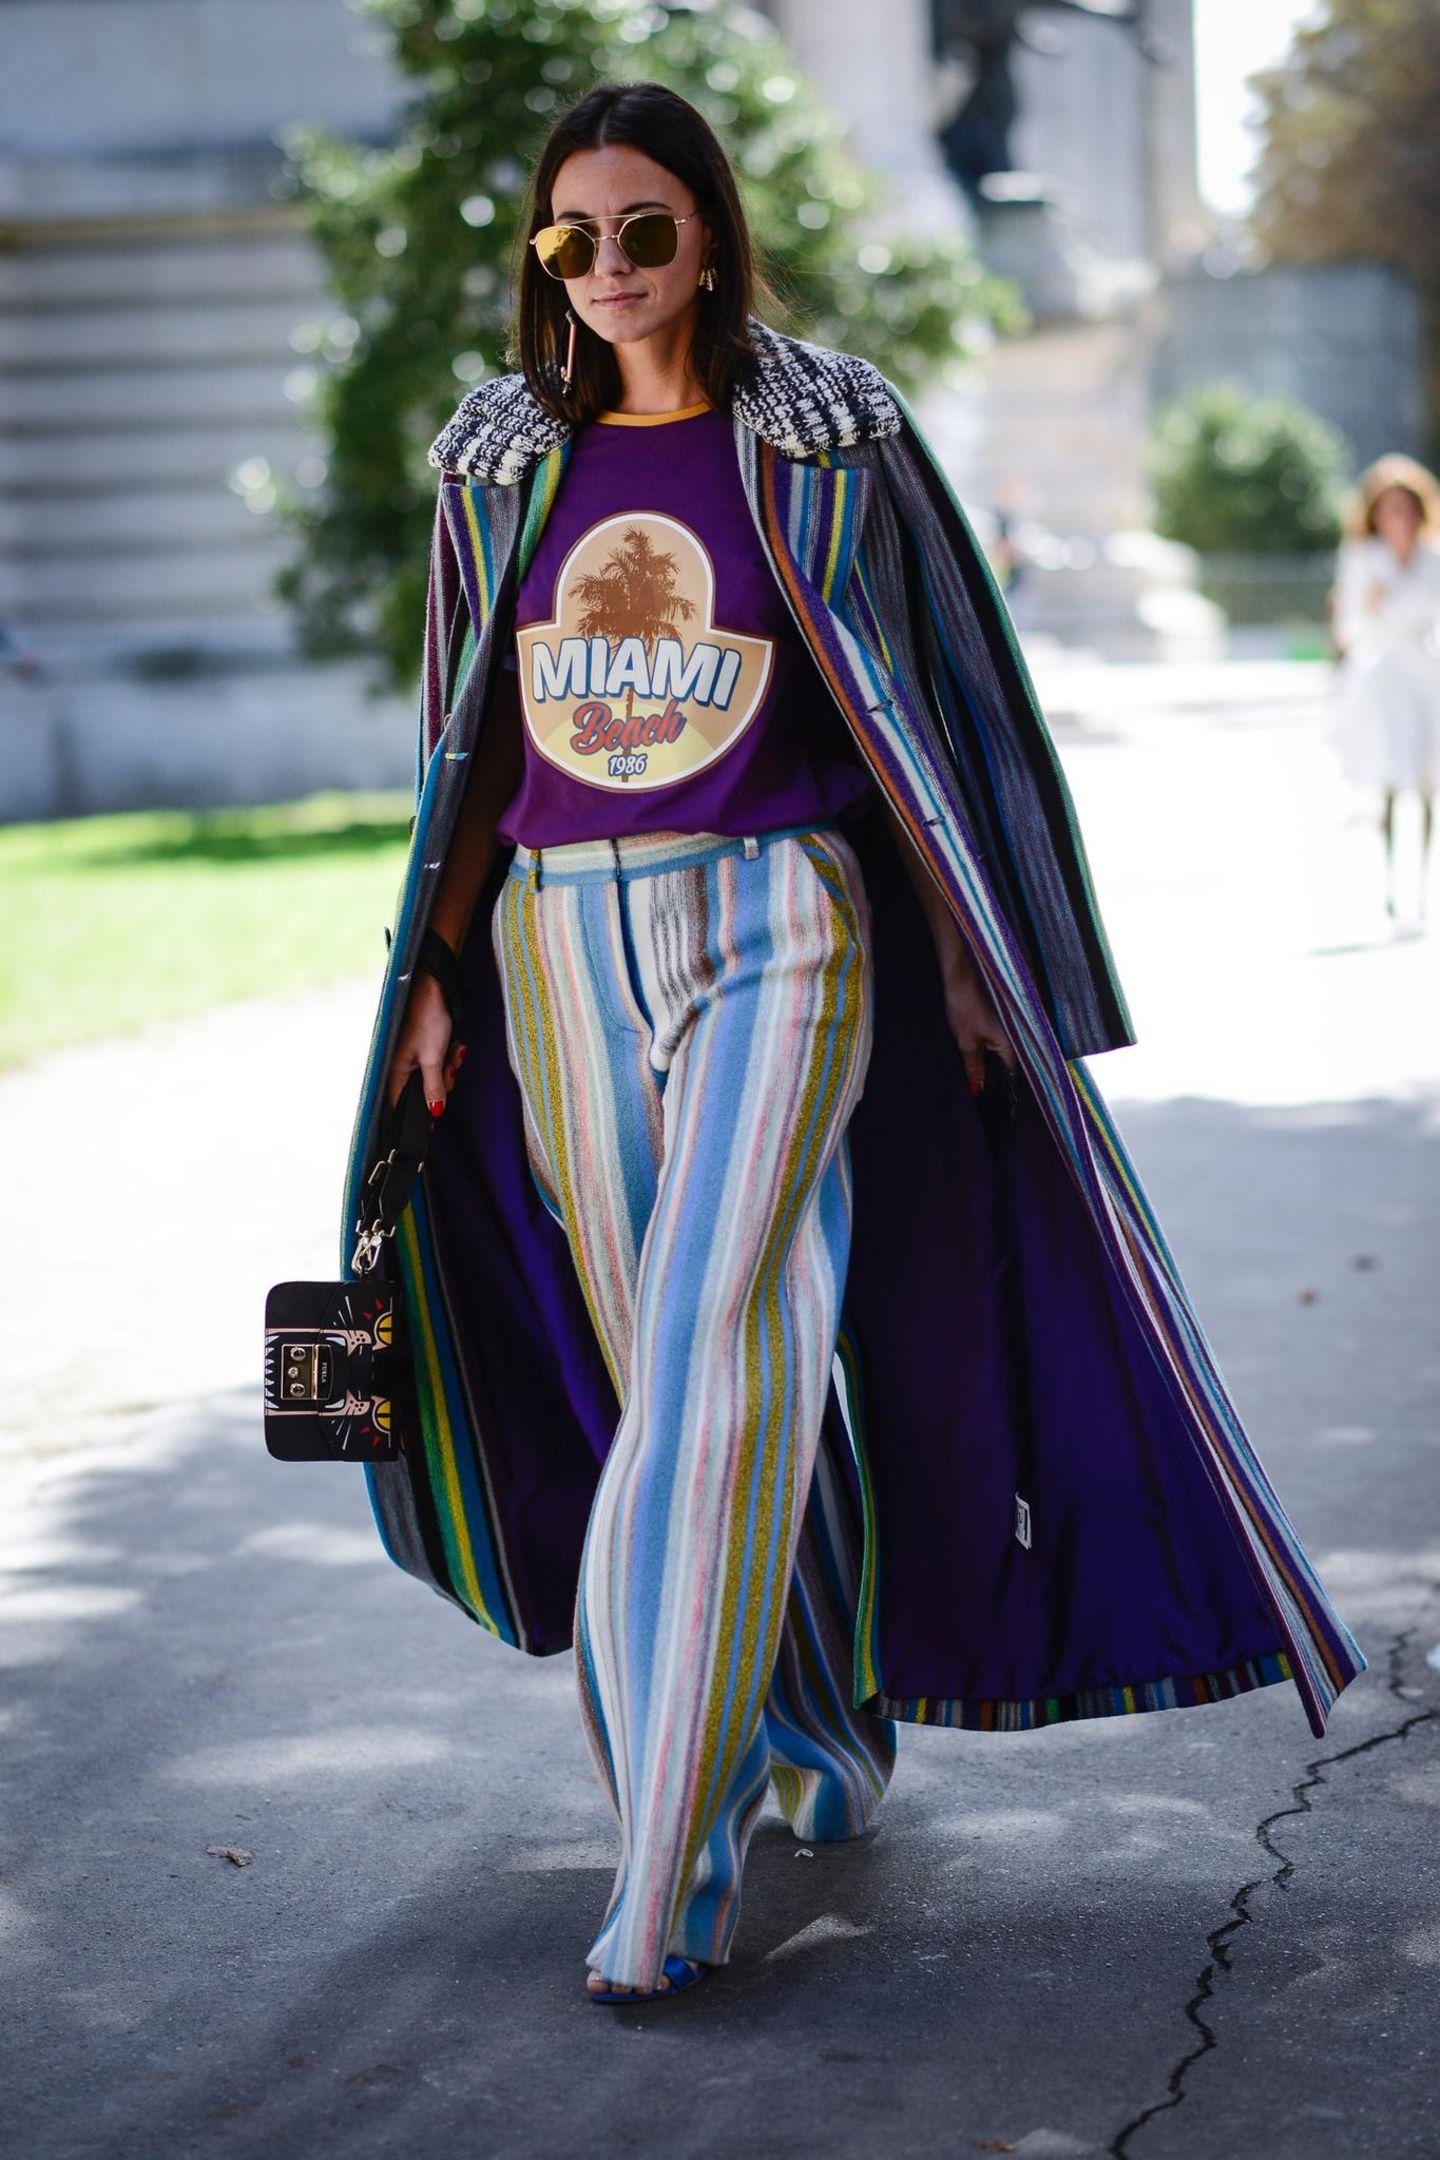 Frau mit buntem Outfit